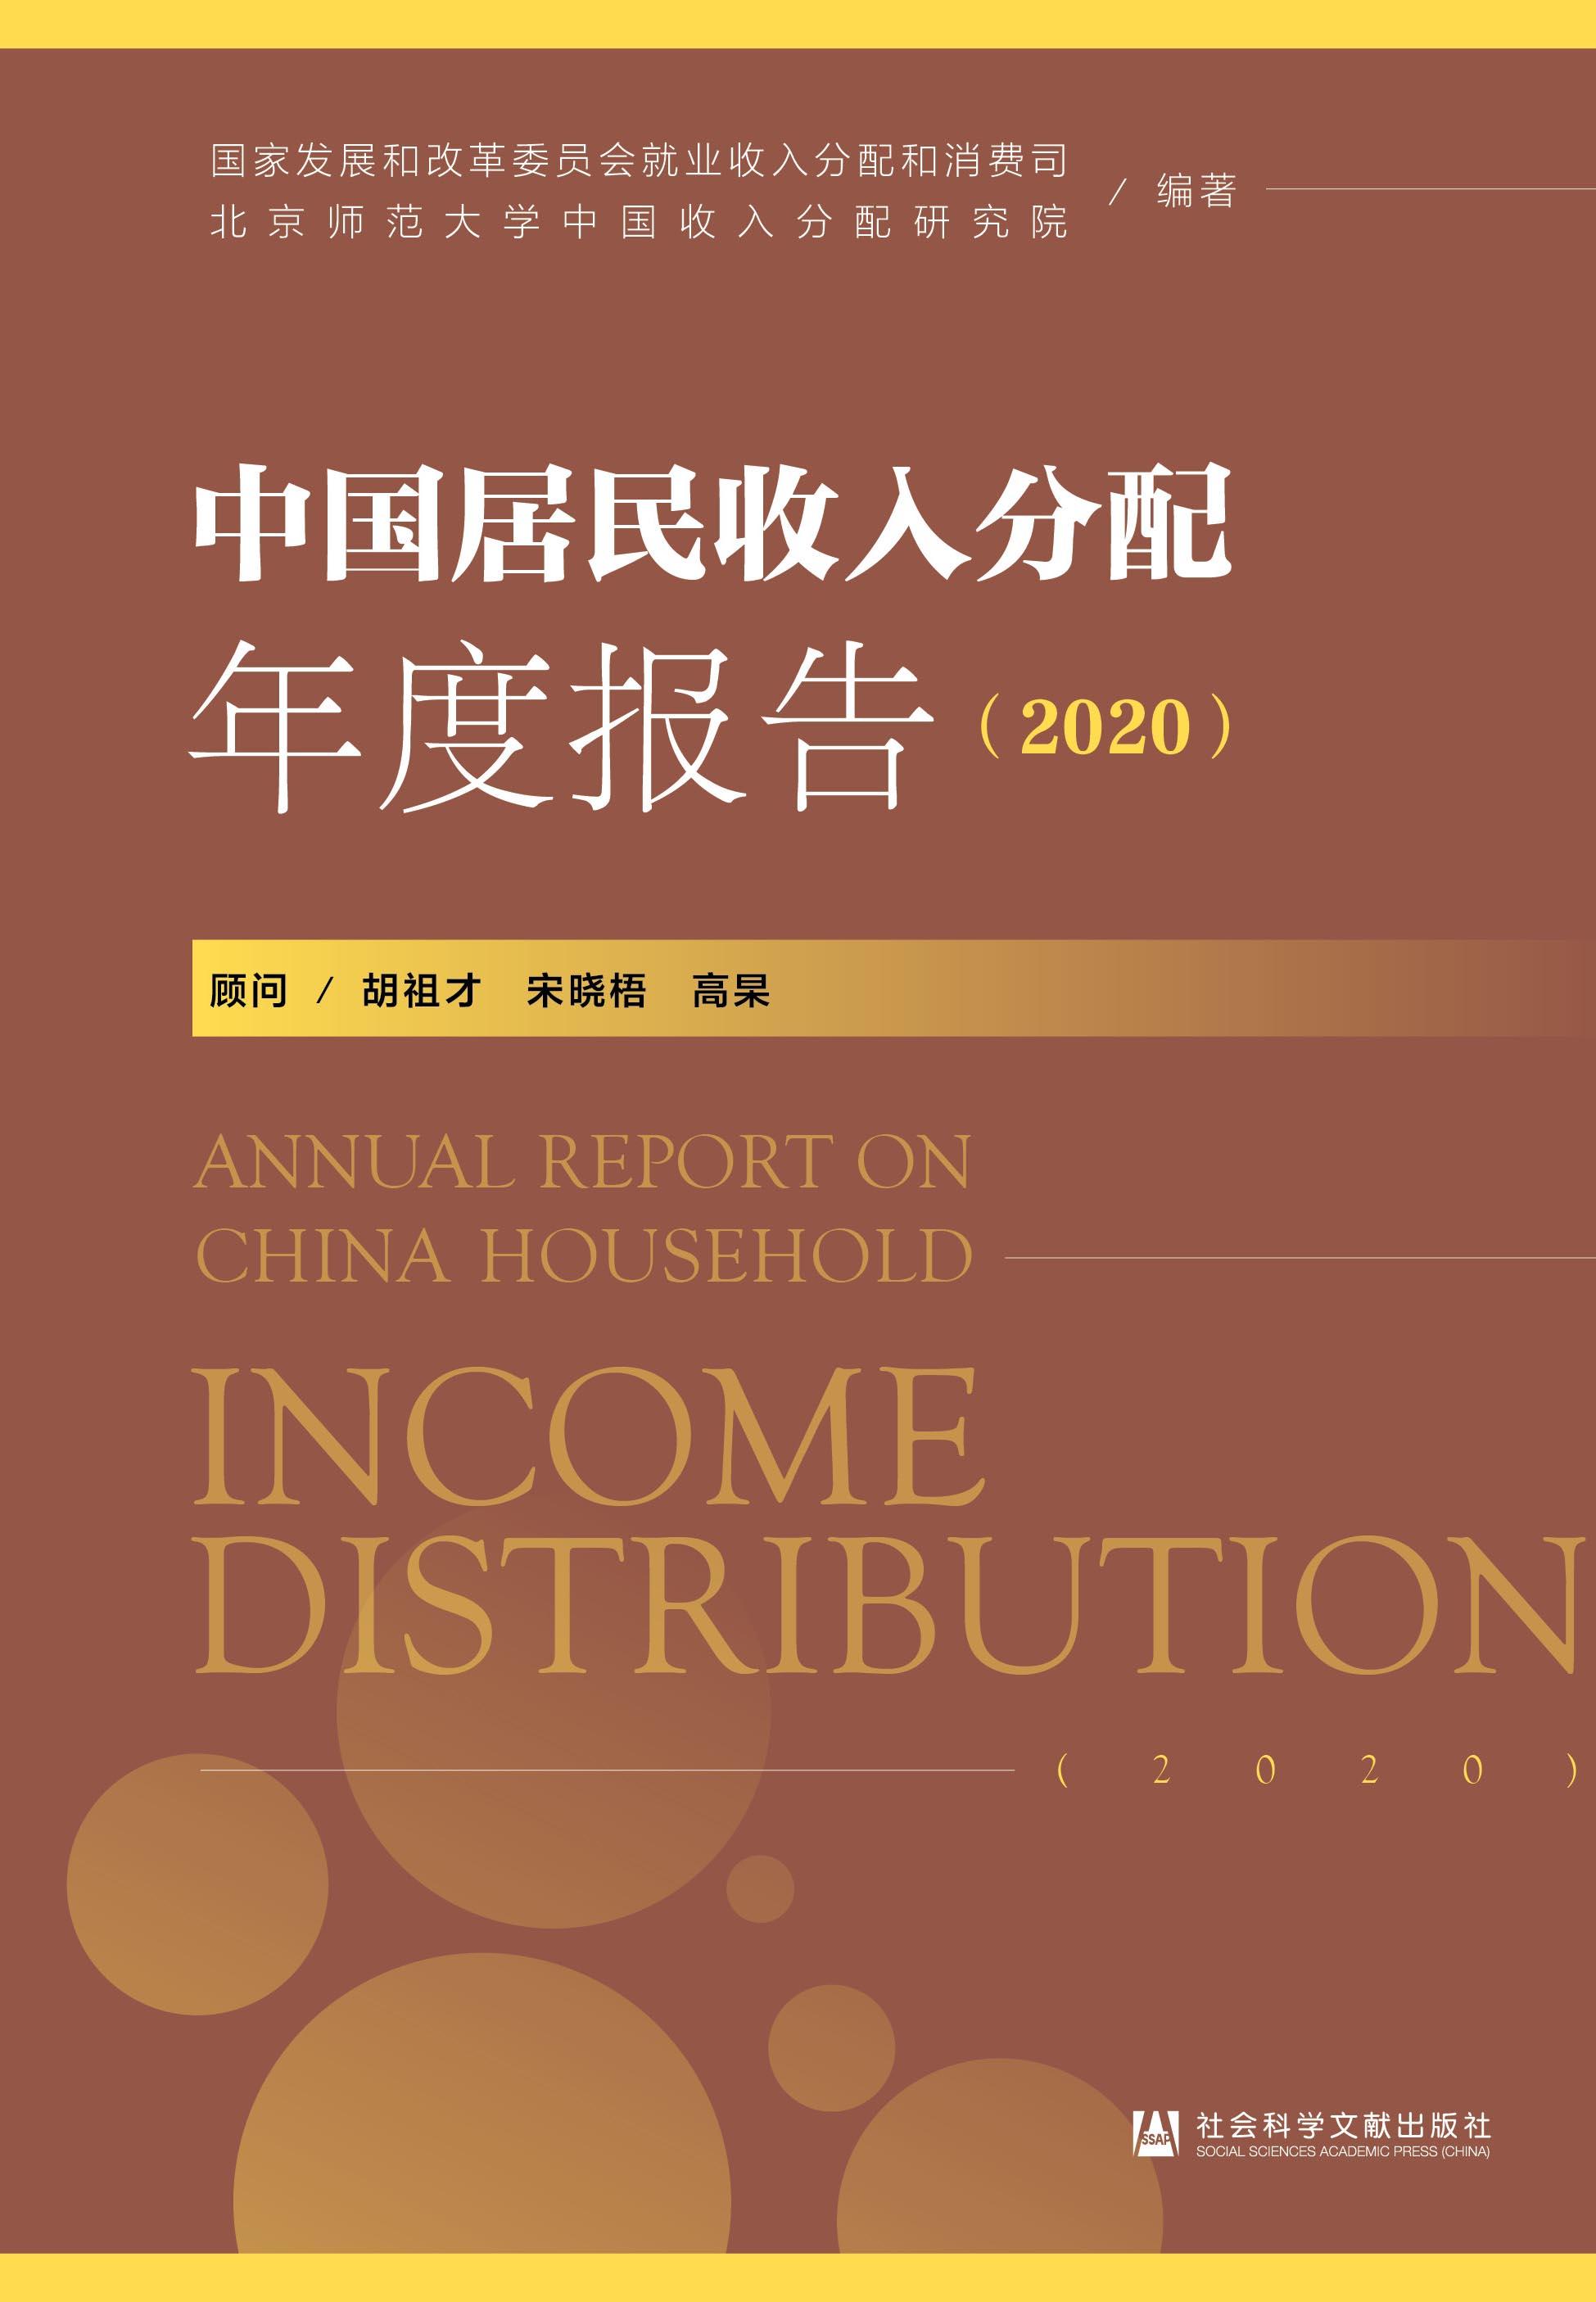 中国居民收入分配年度报告(2020)